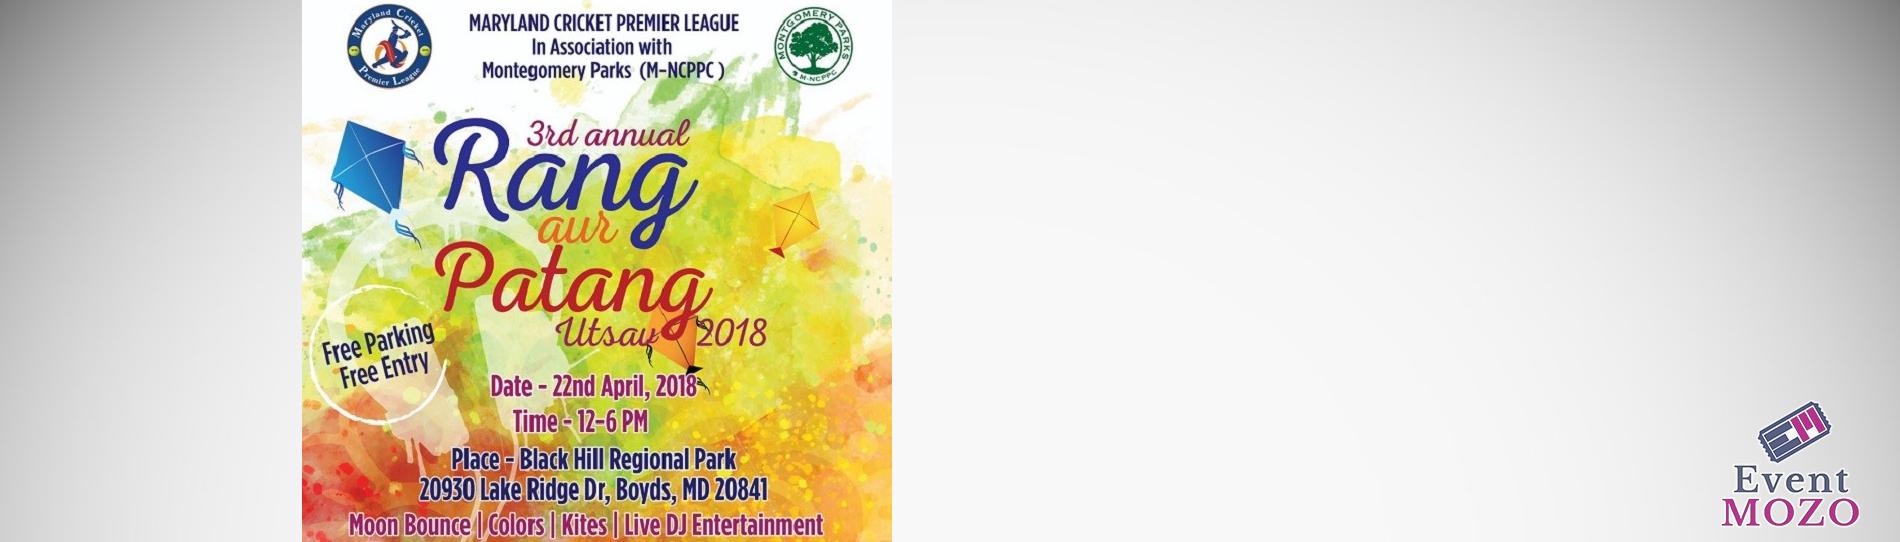 EventMozo 3rd Annual MCPL Rang Aur Patang Utsav 2018